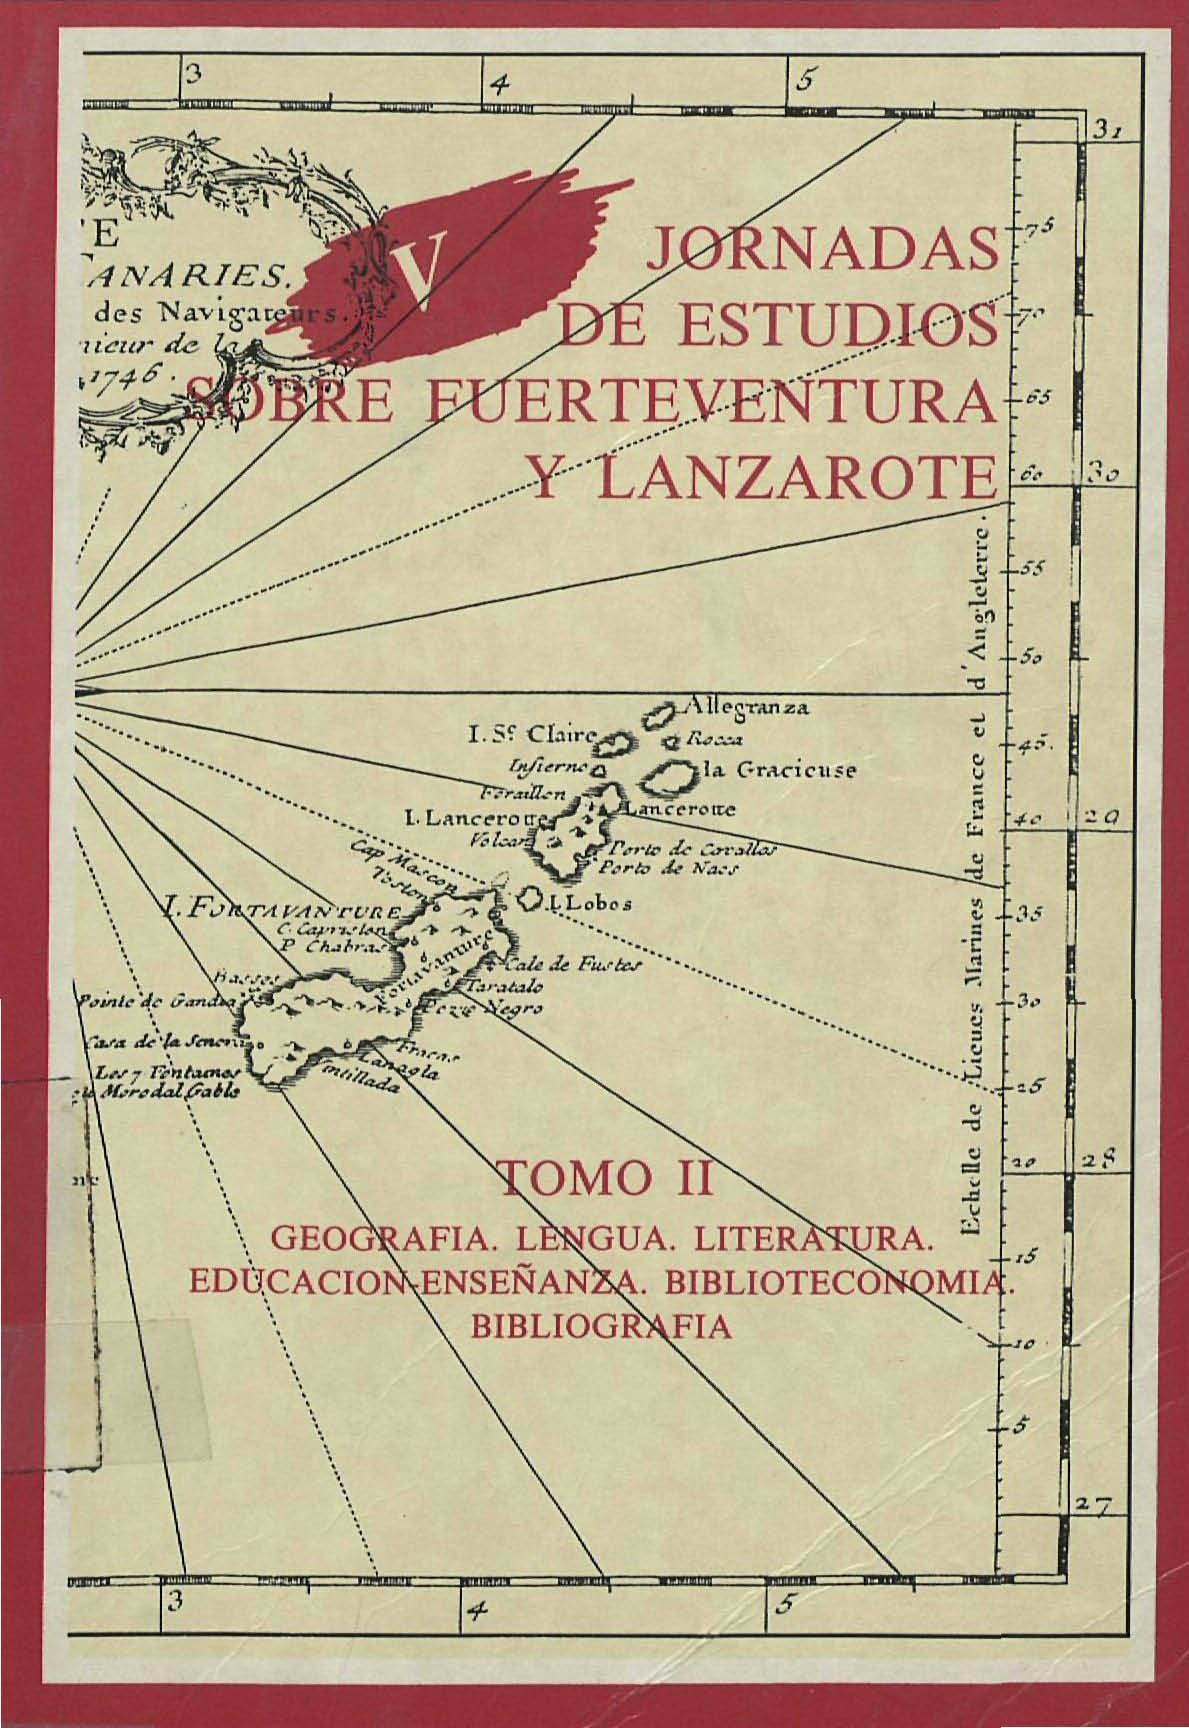 Comercio al por menor en Arrecife (1970-1990)